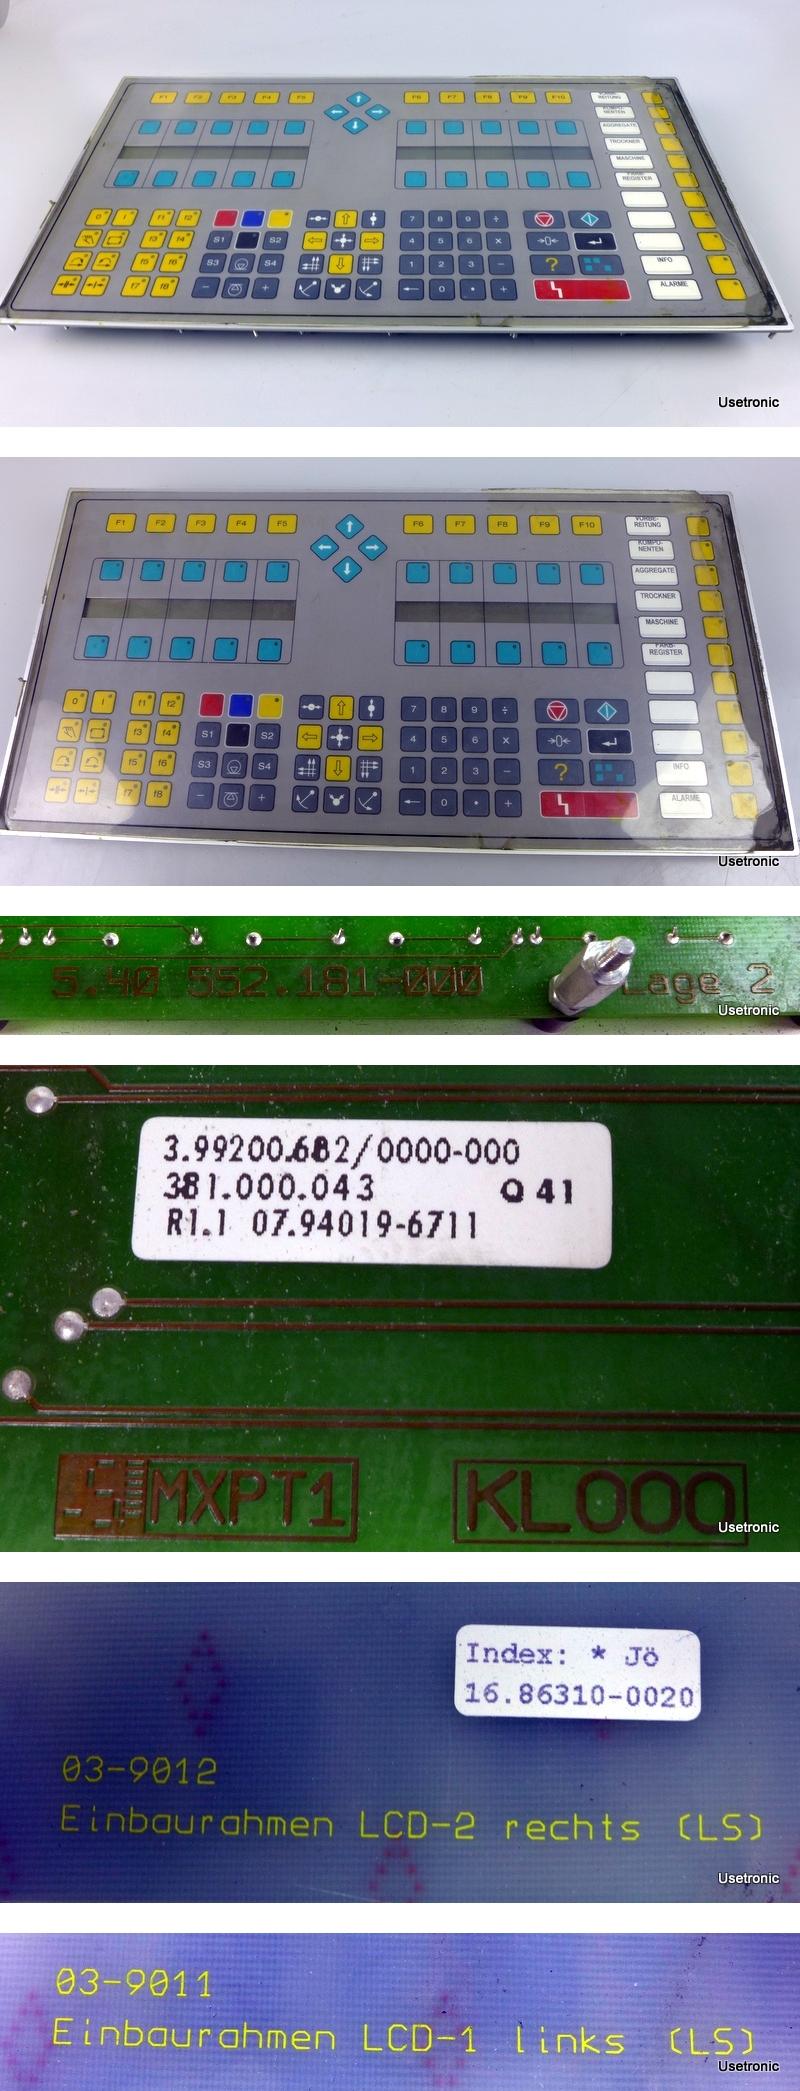 MAN Roland 16.86310-0020